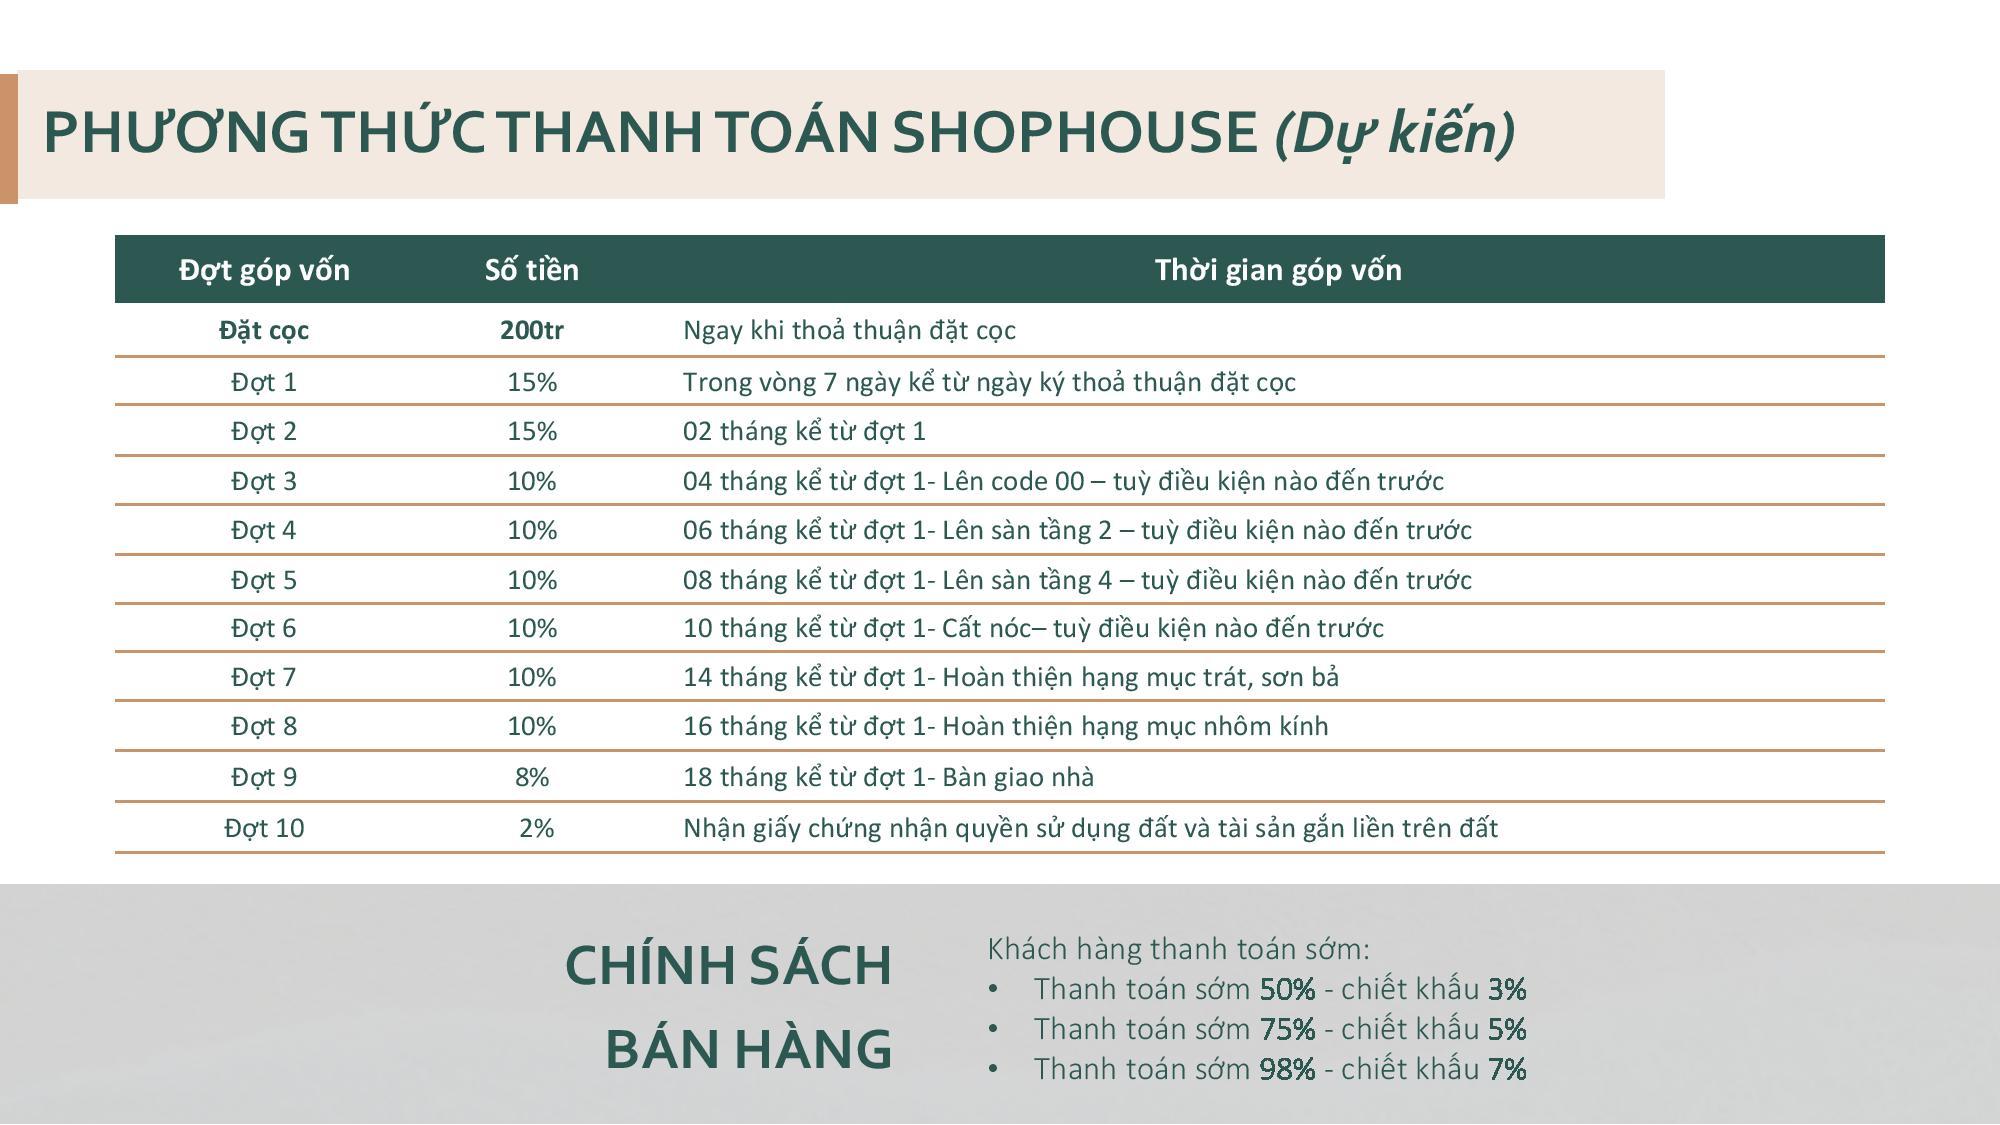 phuong thuc thanh toan shophouse sim island phu quoc